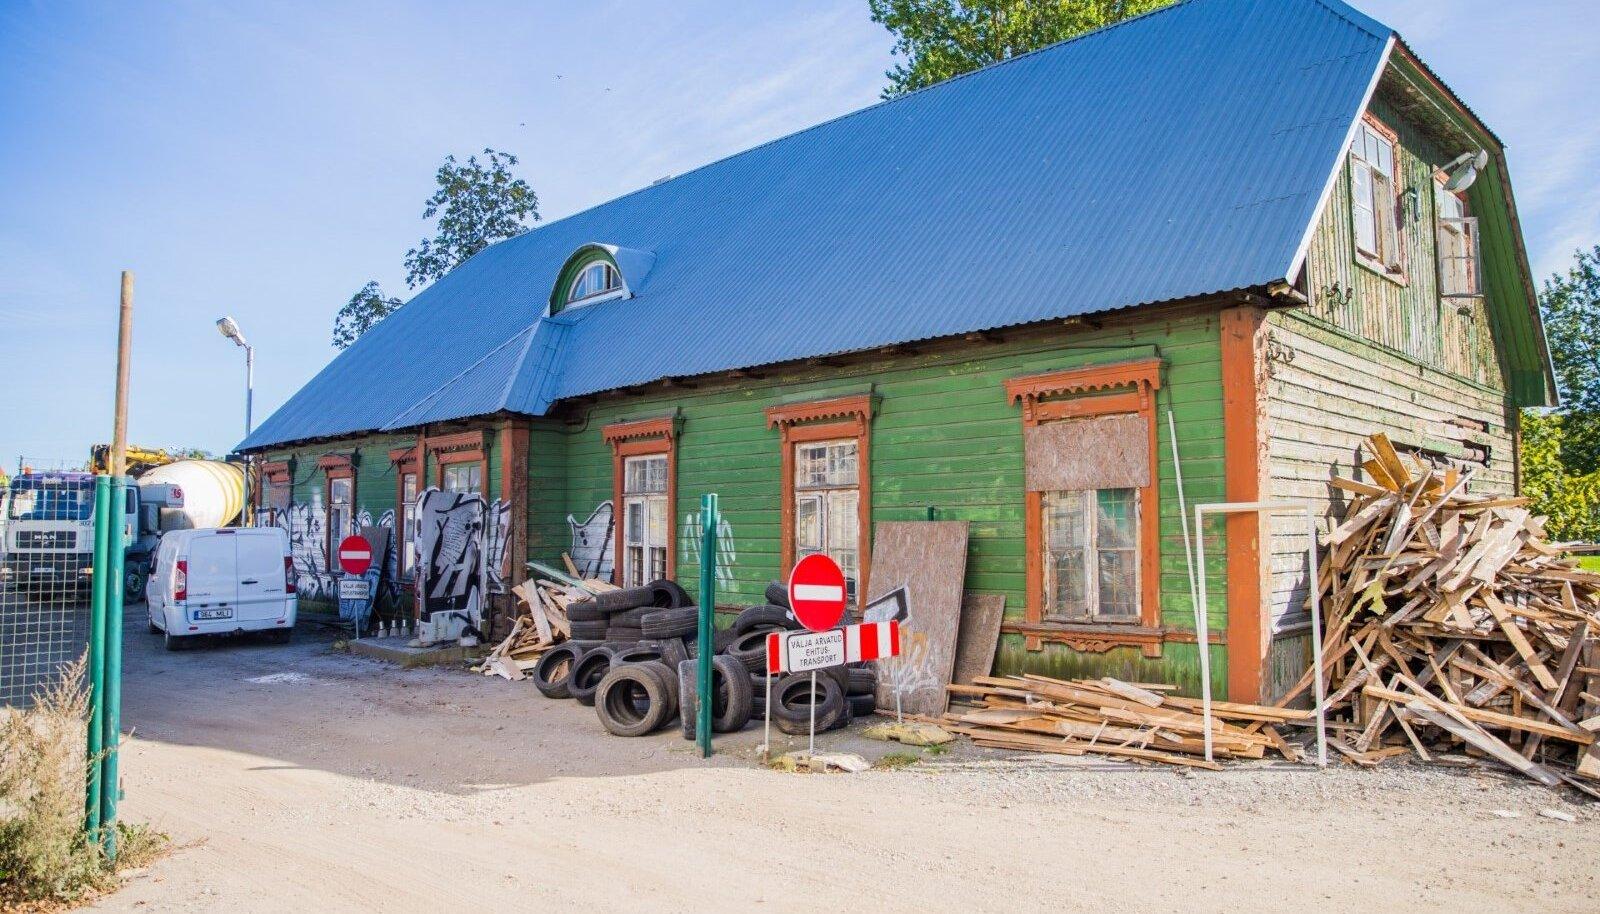 Reisijate t 9 asuva hoone ajaloos keeratakse aga uus lehekülg, sest ehitis tahetakse koost lahti võtta ja vedada Tallinnast välja uude asupaika.